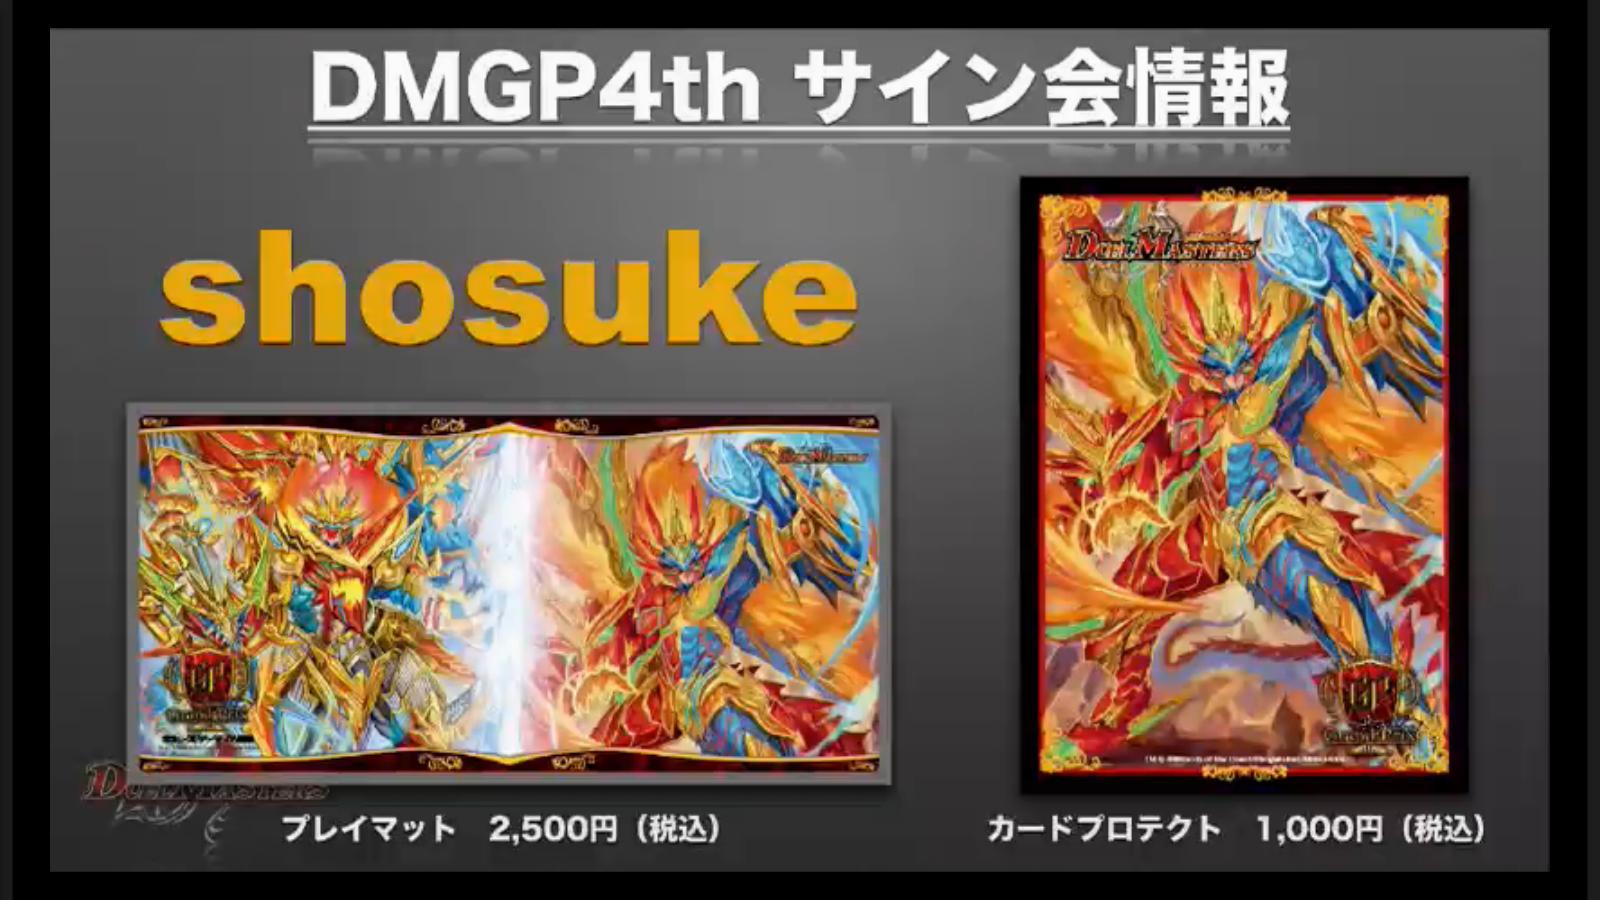 dm-kakumei-finalcup-news-170226-113.jpg